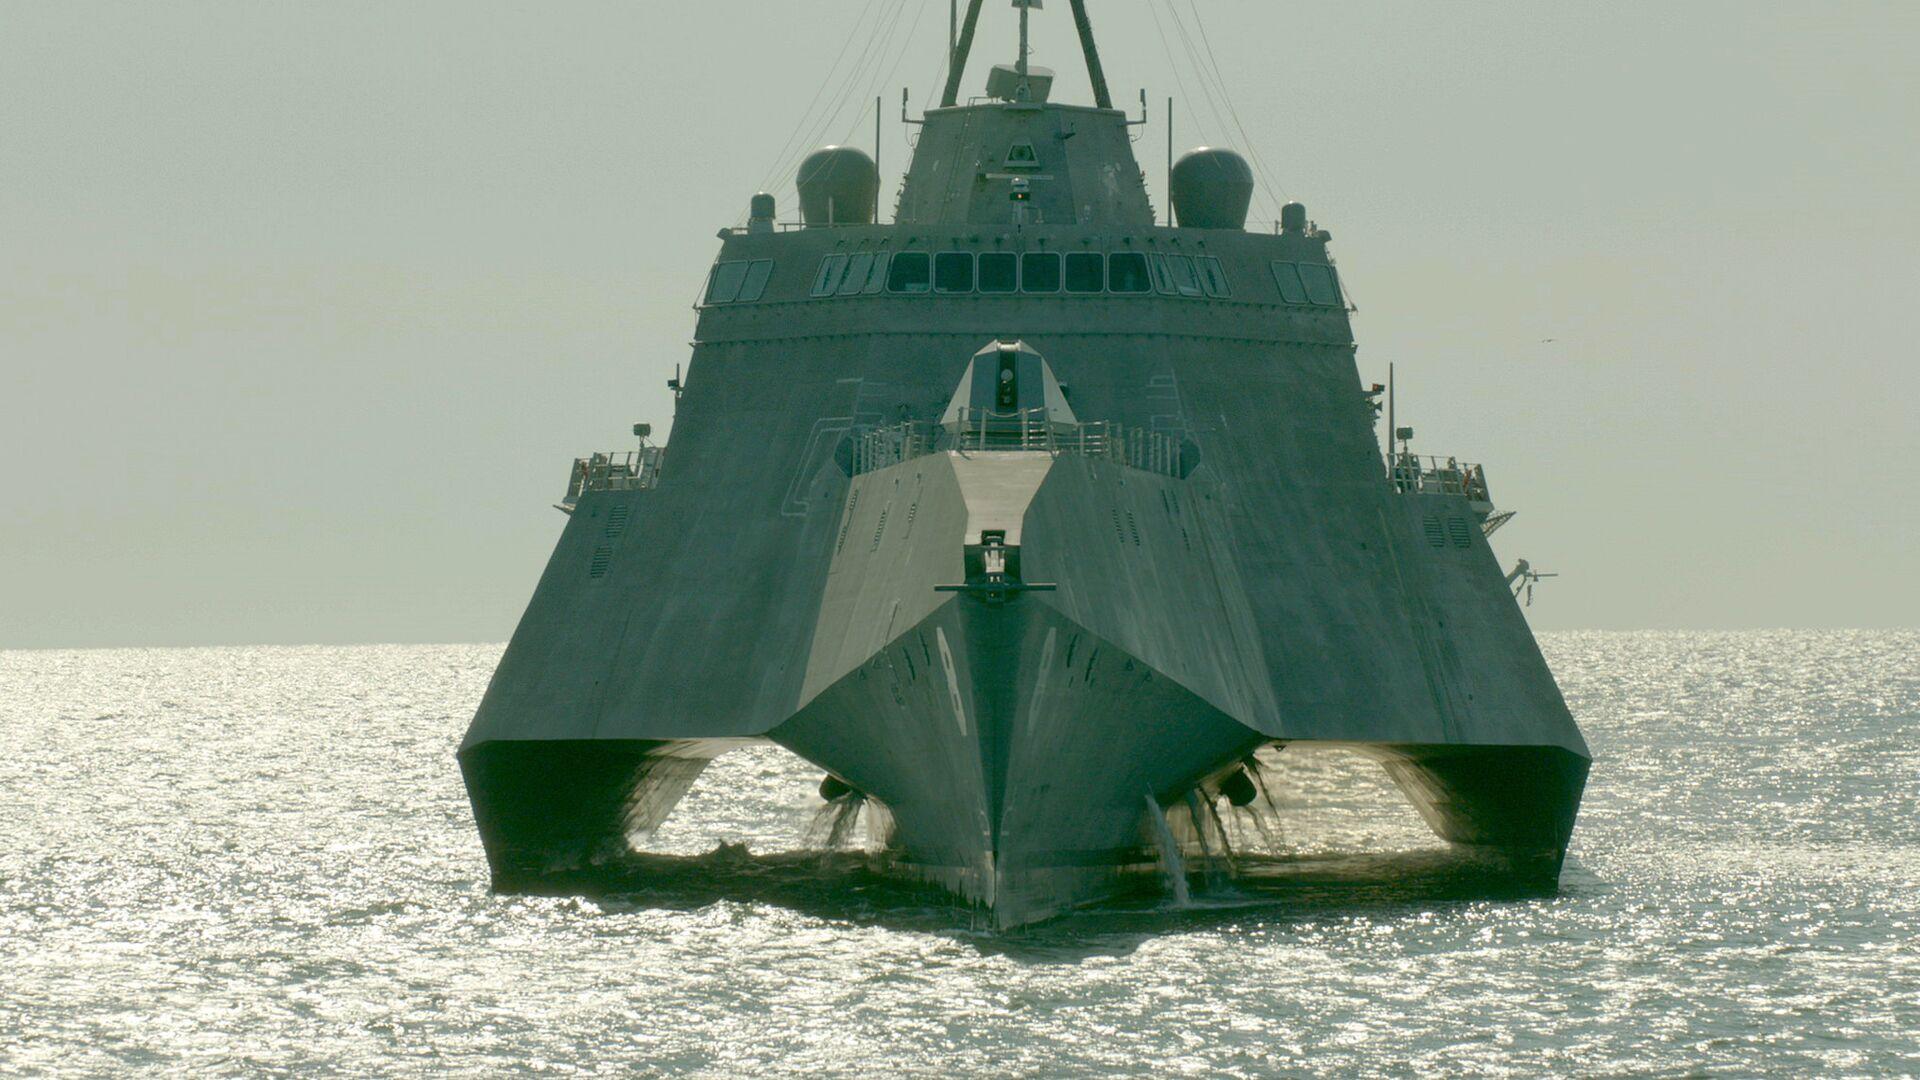 Корабль прибрежной зоны ВМС США LCS-6 Montgomery (Монтгомери)  - РИА Новости, 1920, 12.01.2021